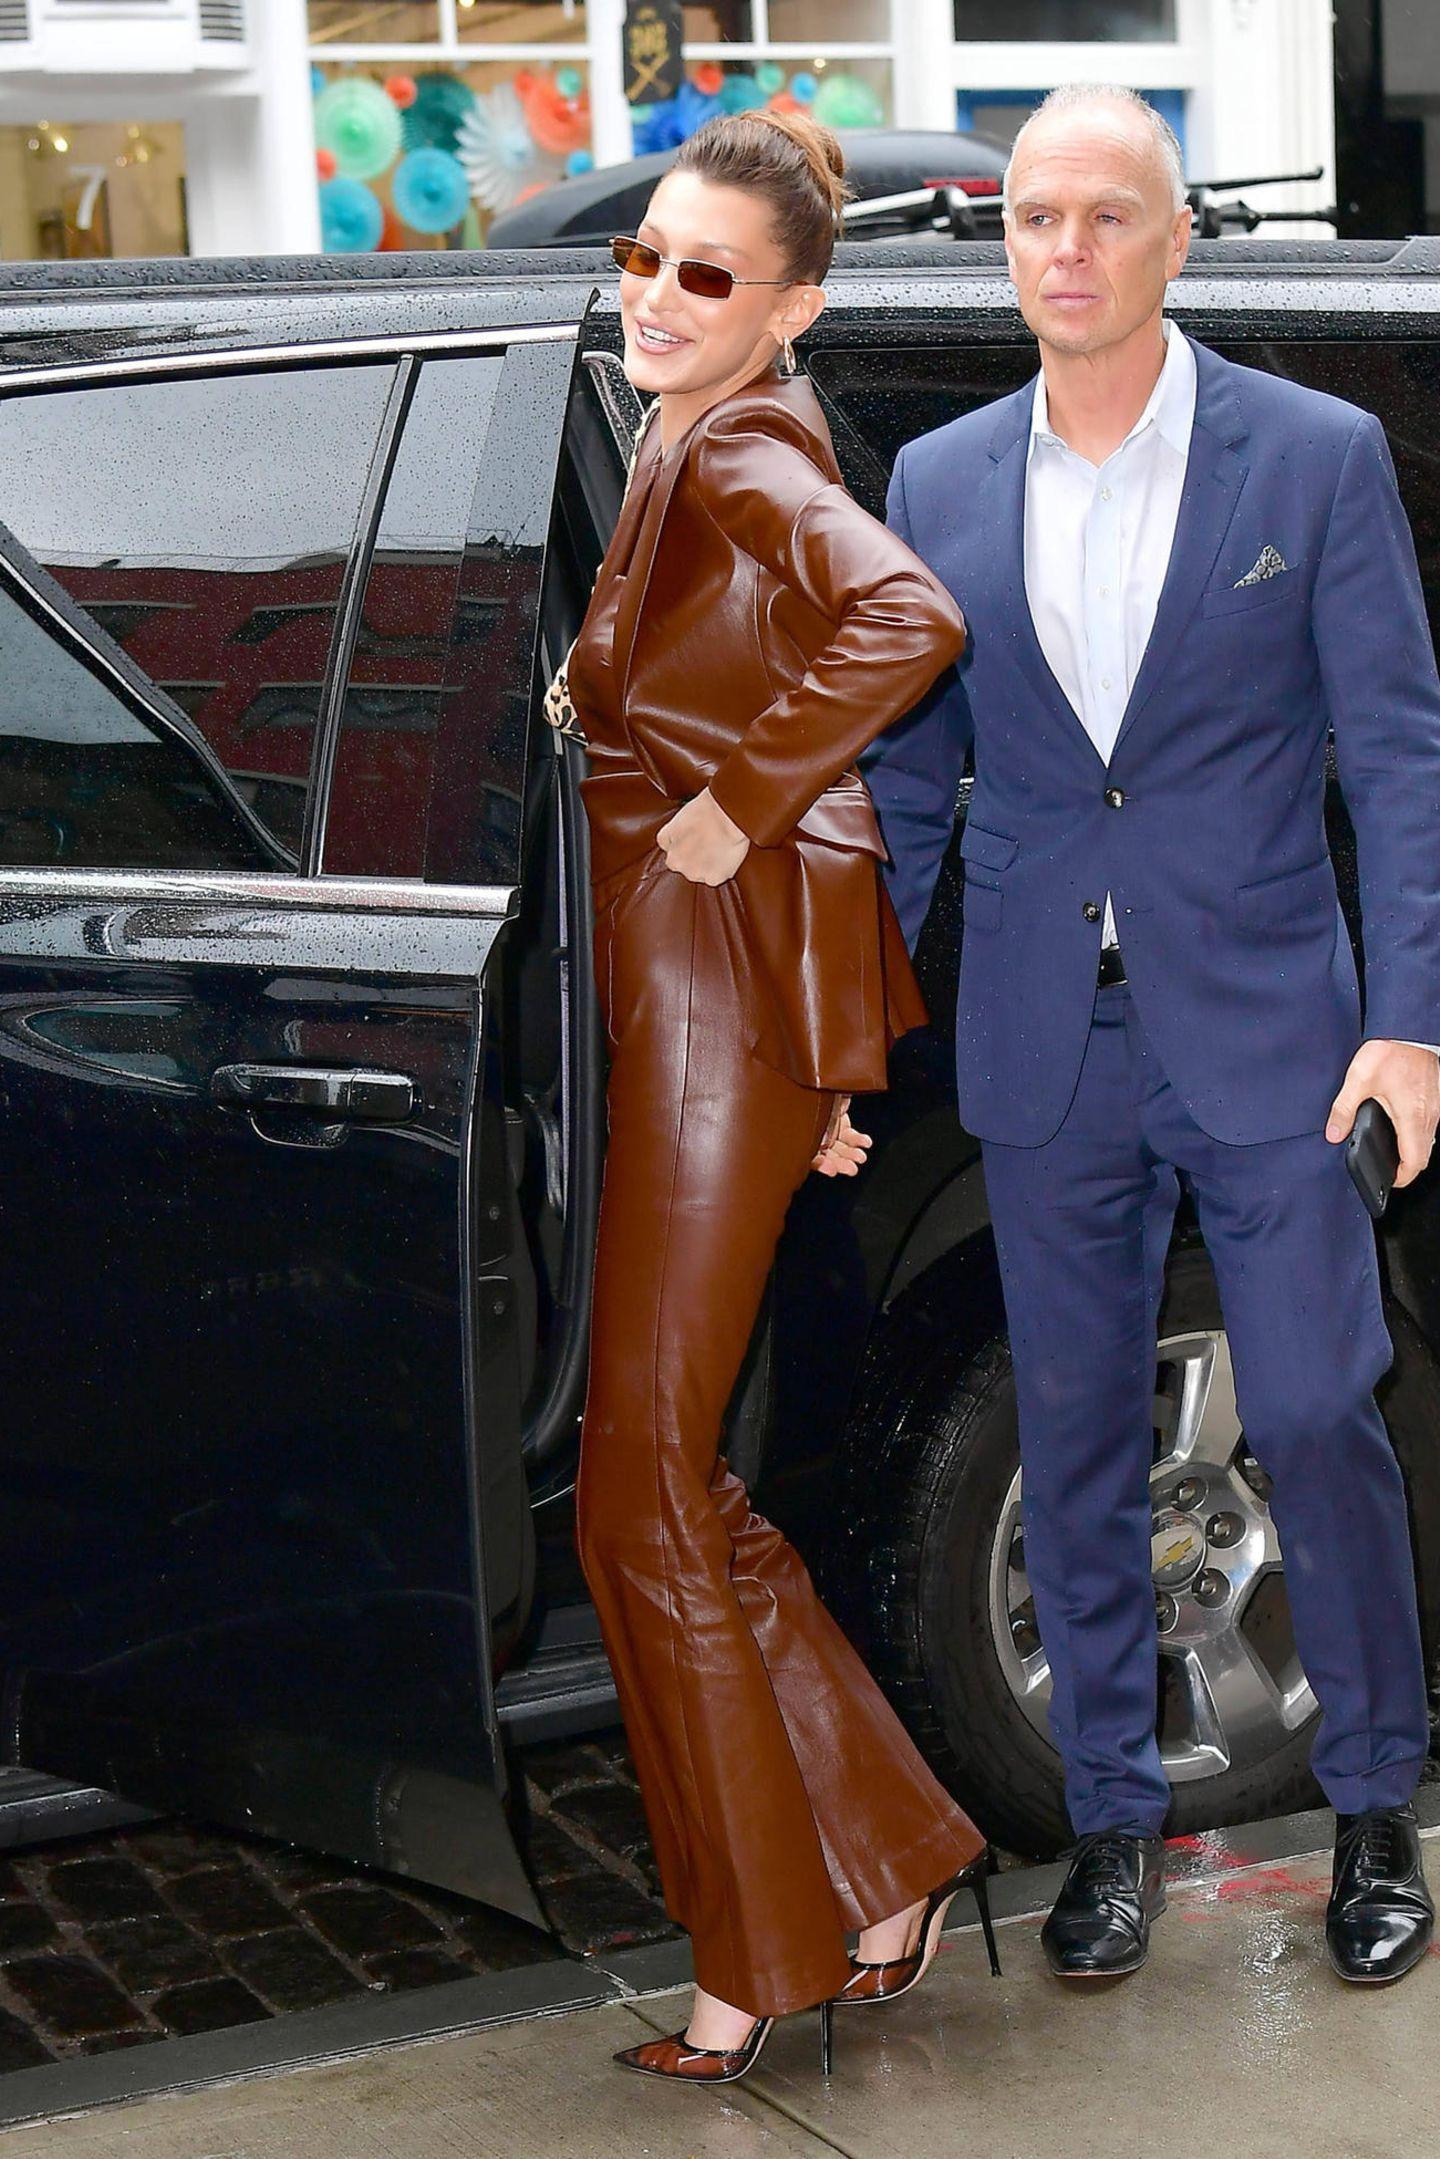 Auf dem Rückweg muss sich Bella Hadid die Hose wieder hochziehen. Eine Nummer kleiner wäre wohl besser gewesen.